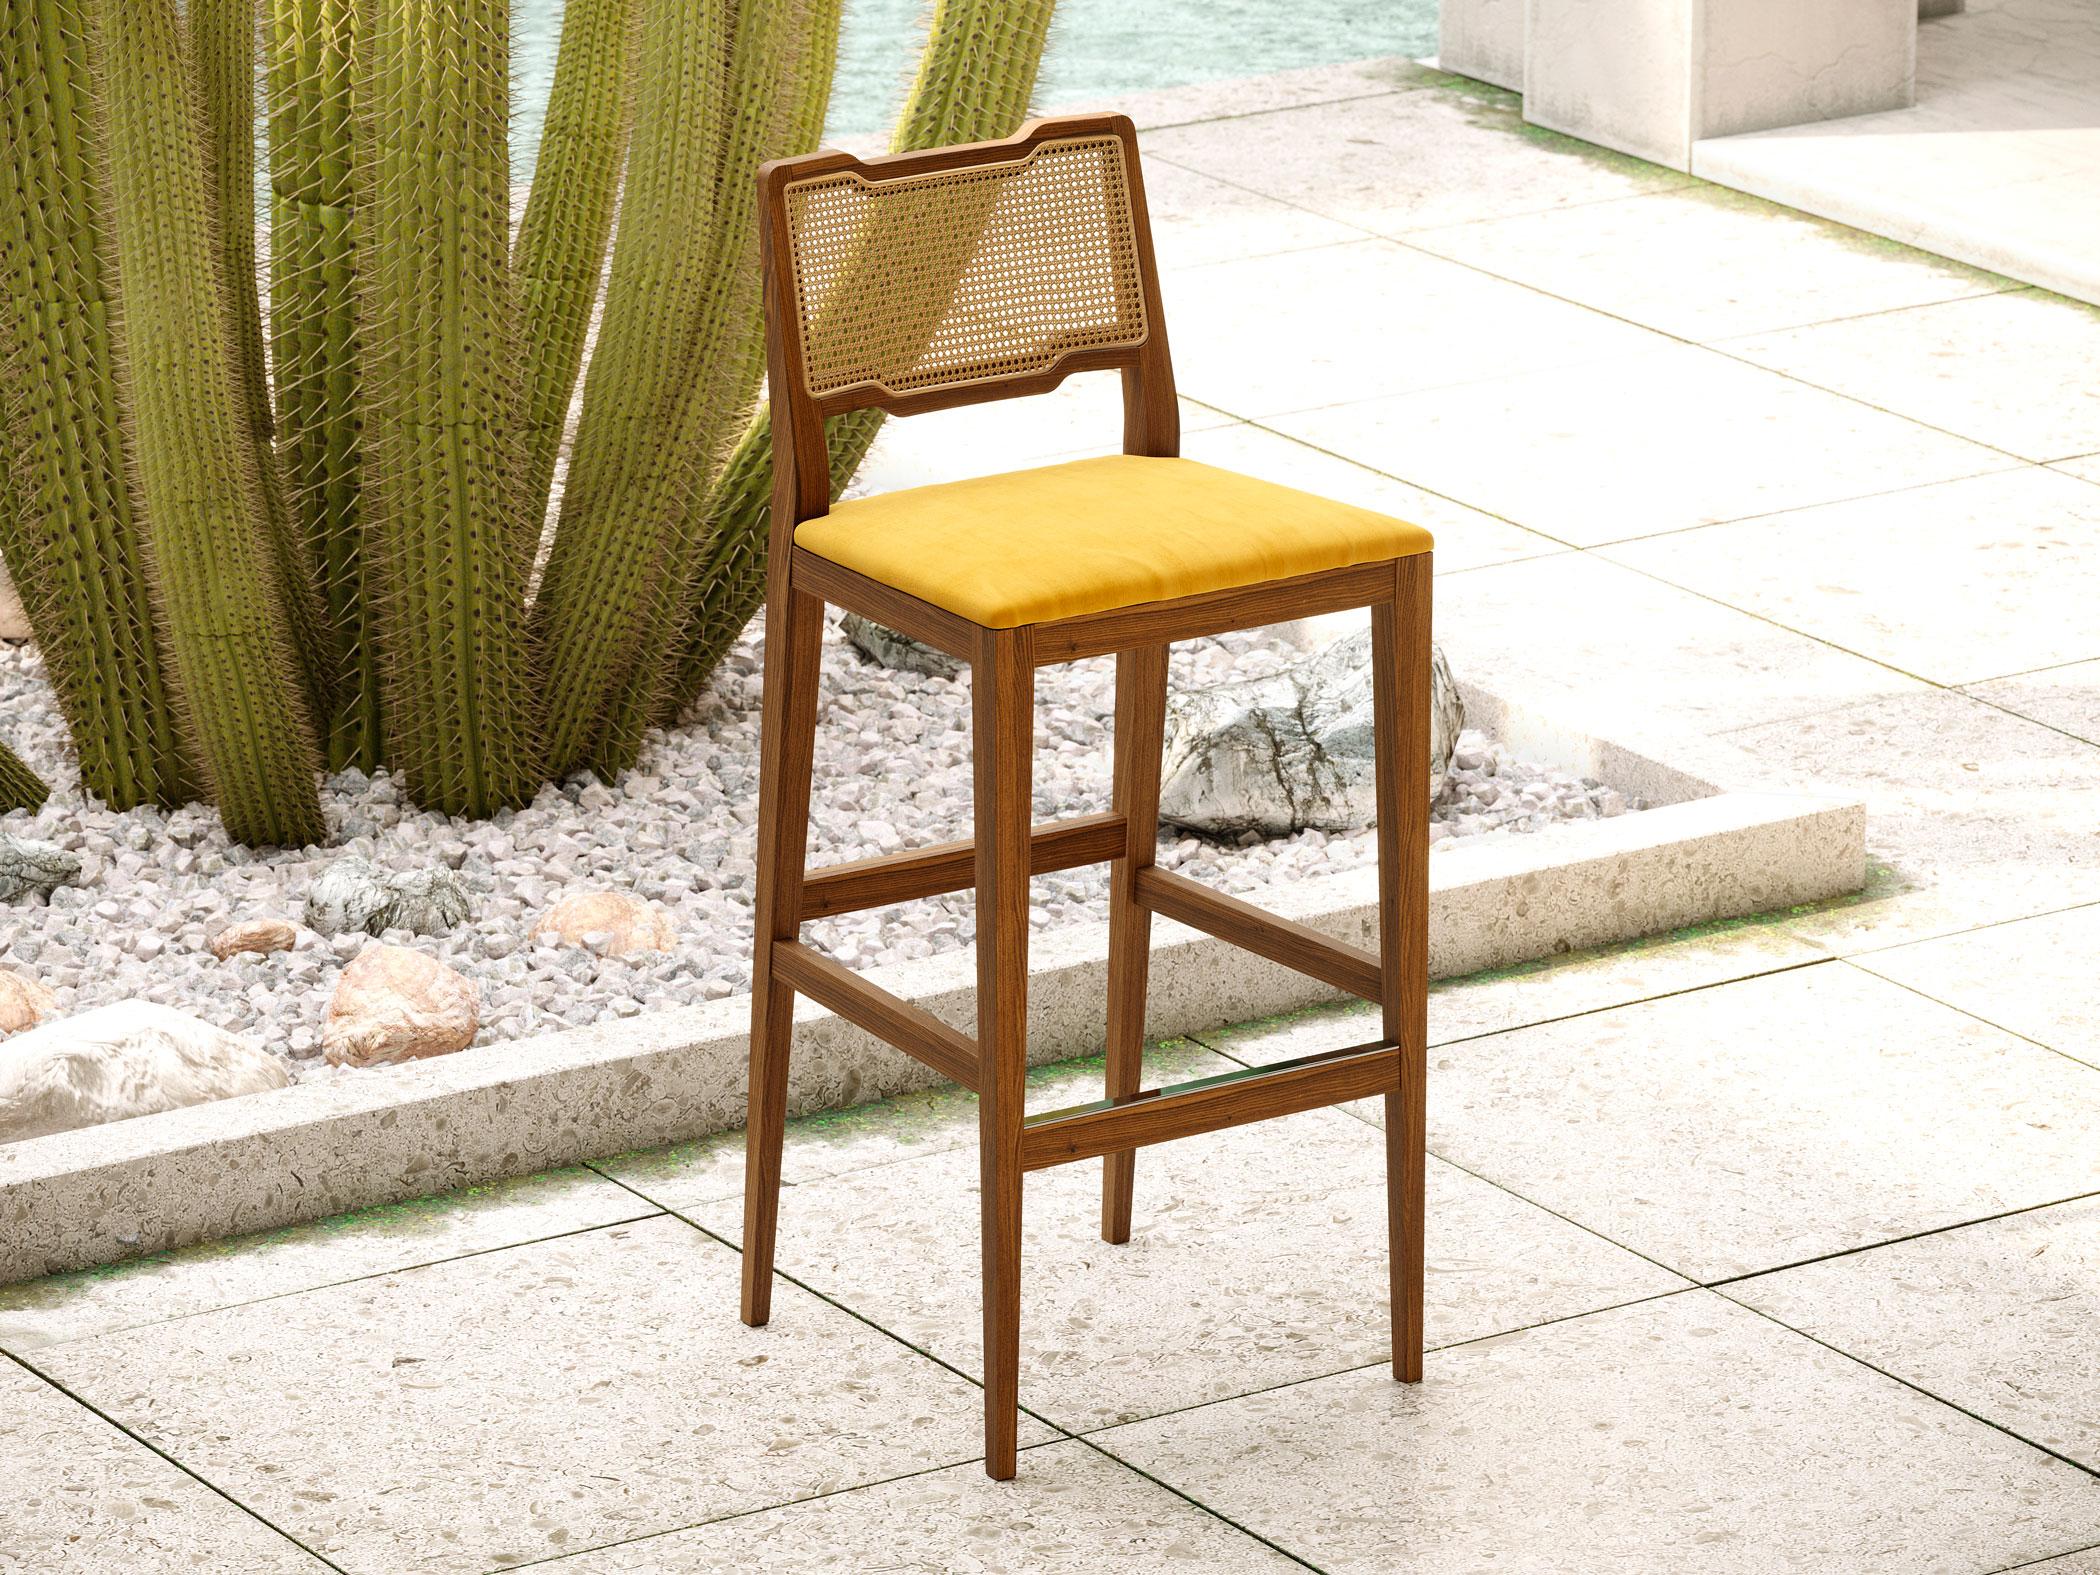 eva-bar-chair-domkapa-new-collection-2021-2